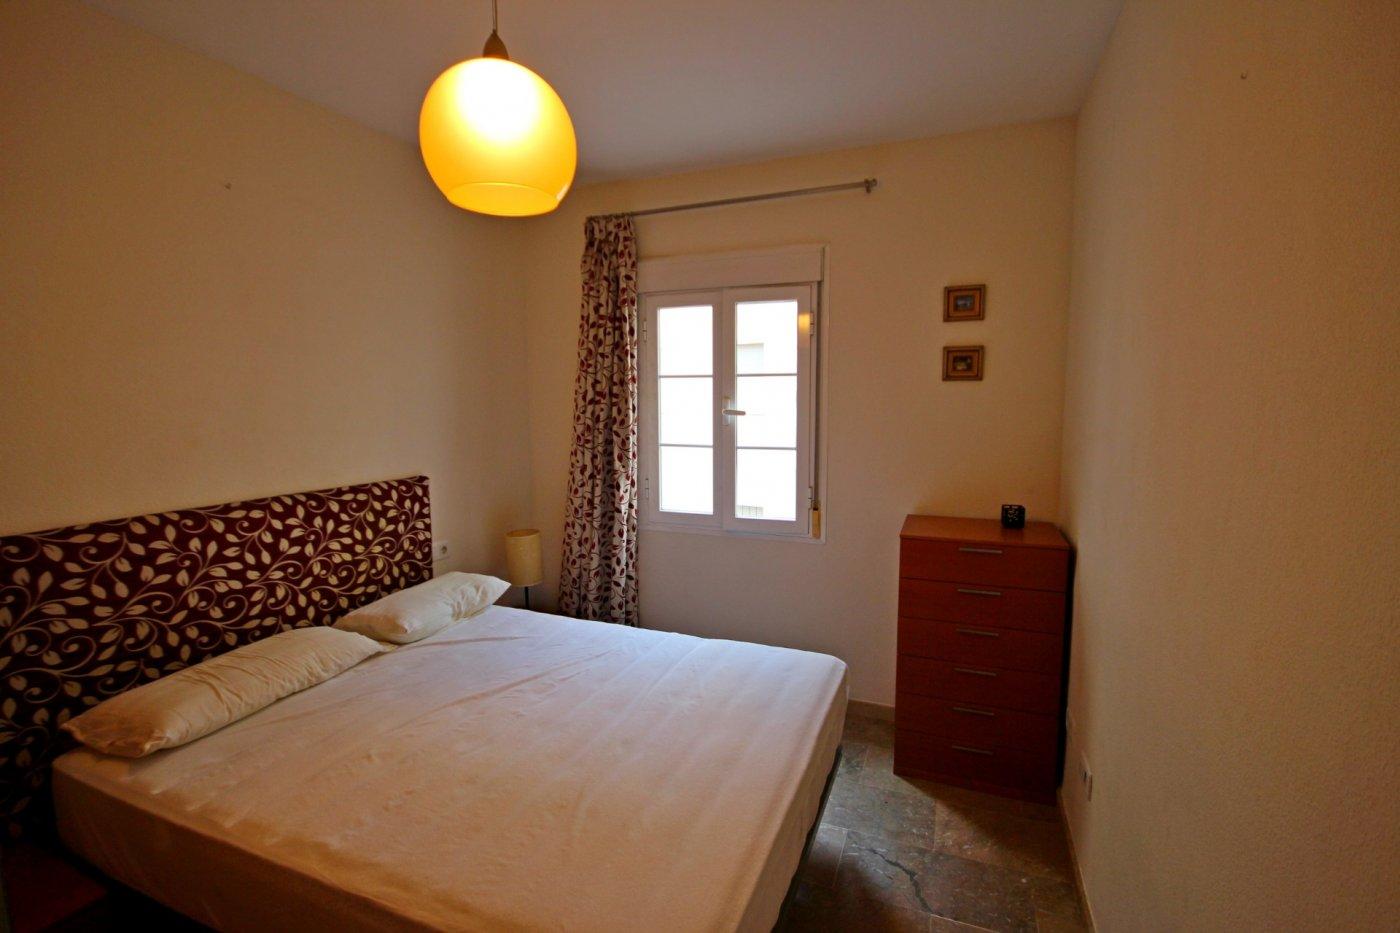 Piso dos dormitorios con garaje a un paso del centro histórico - imagenInmueble8